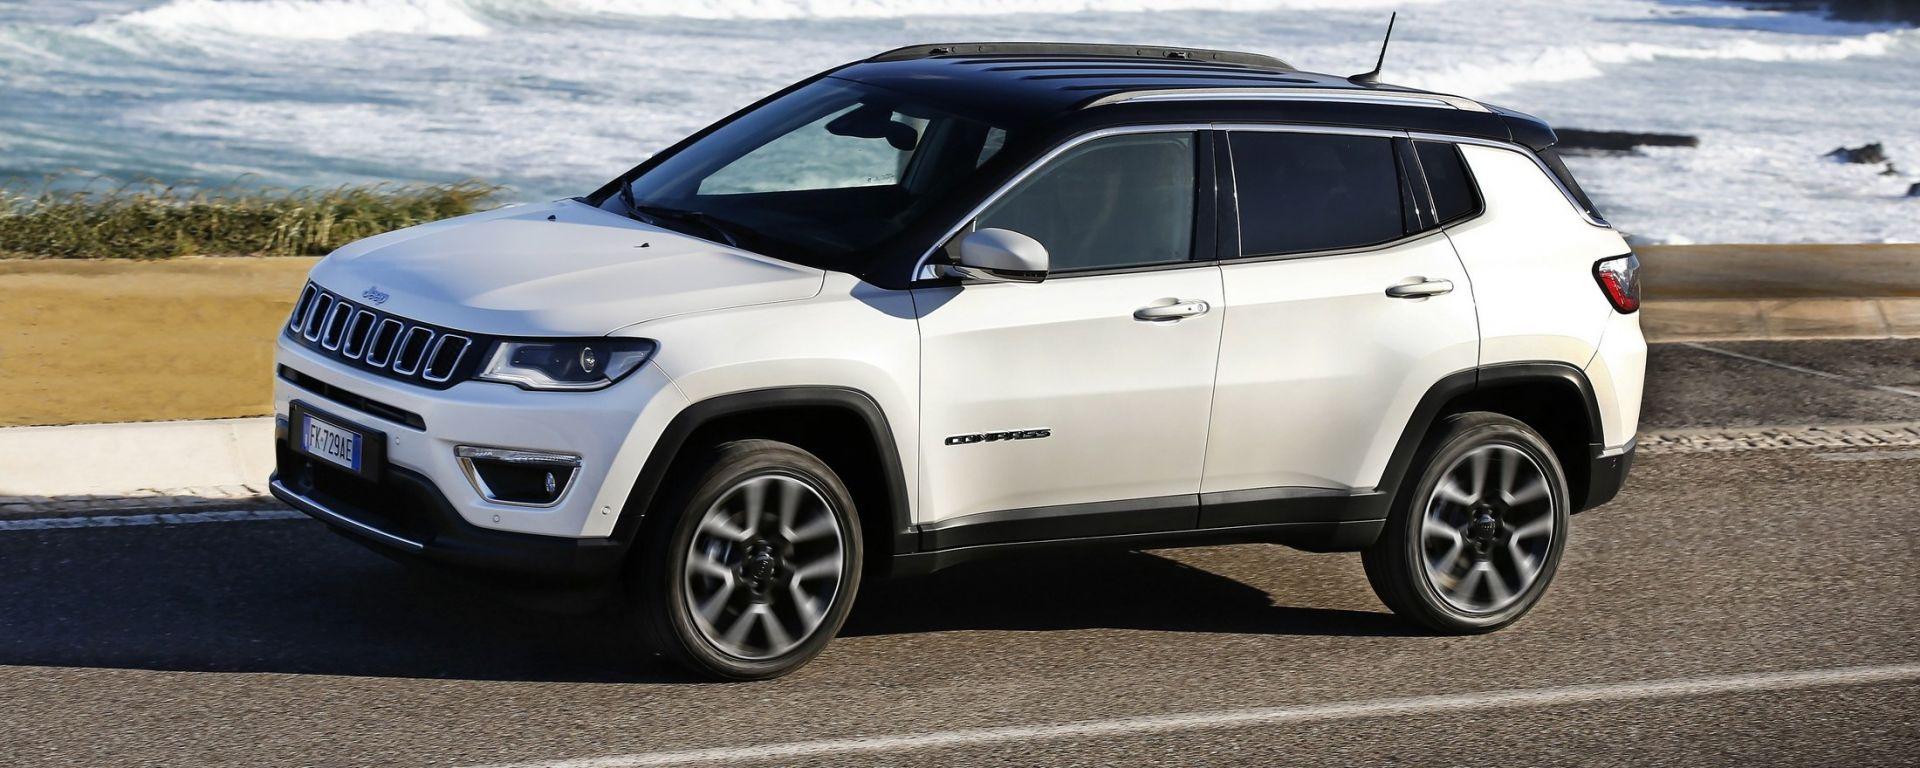 Nuova Jeep Compass: la prova su strada